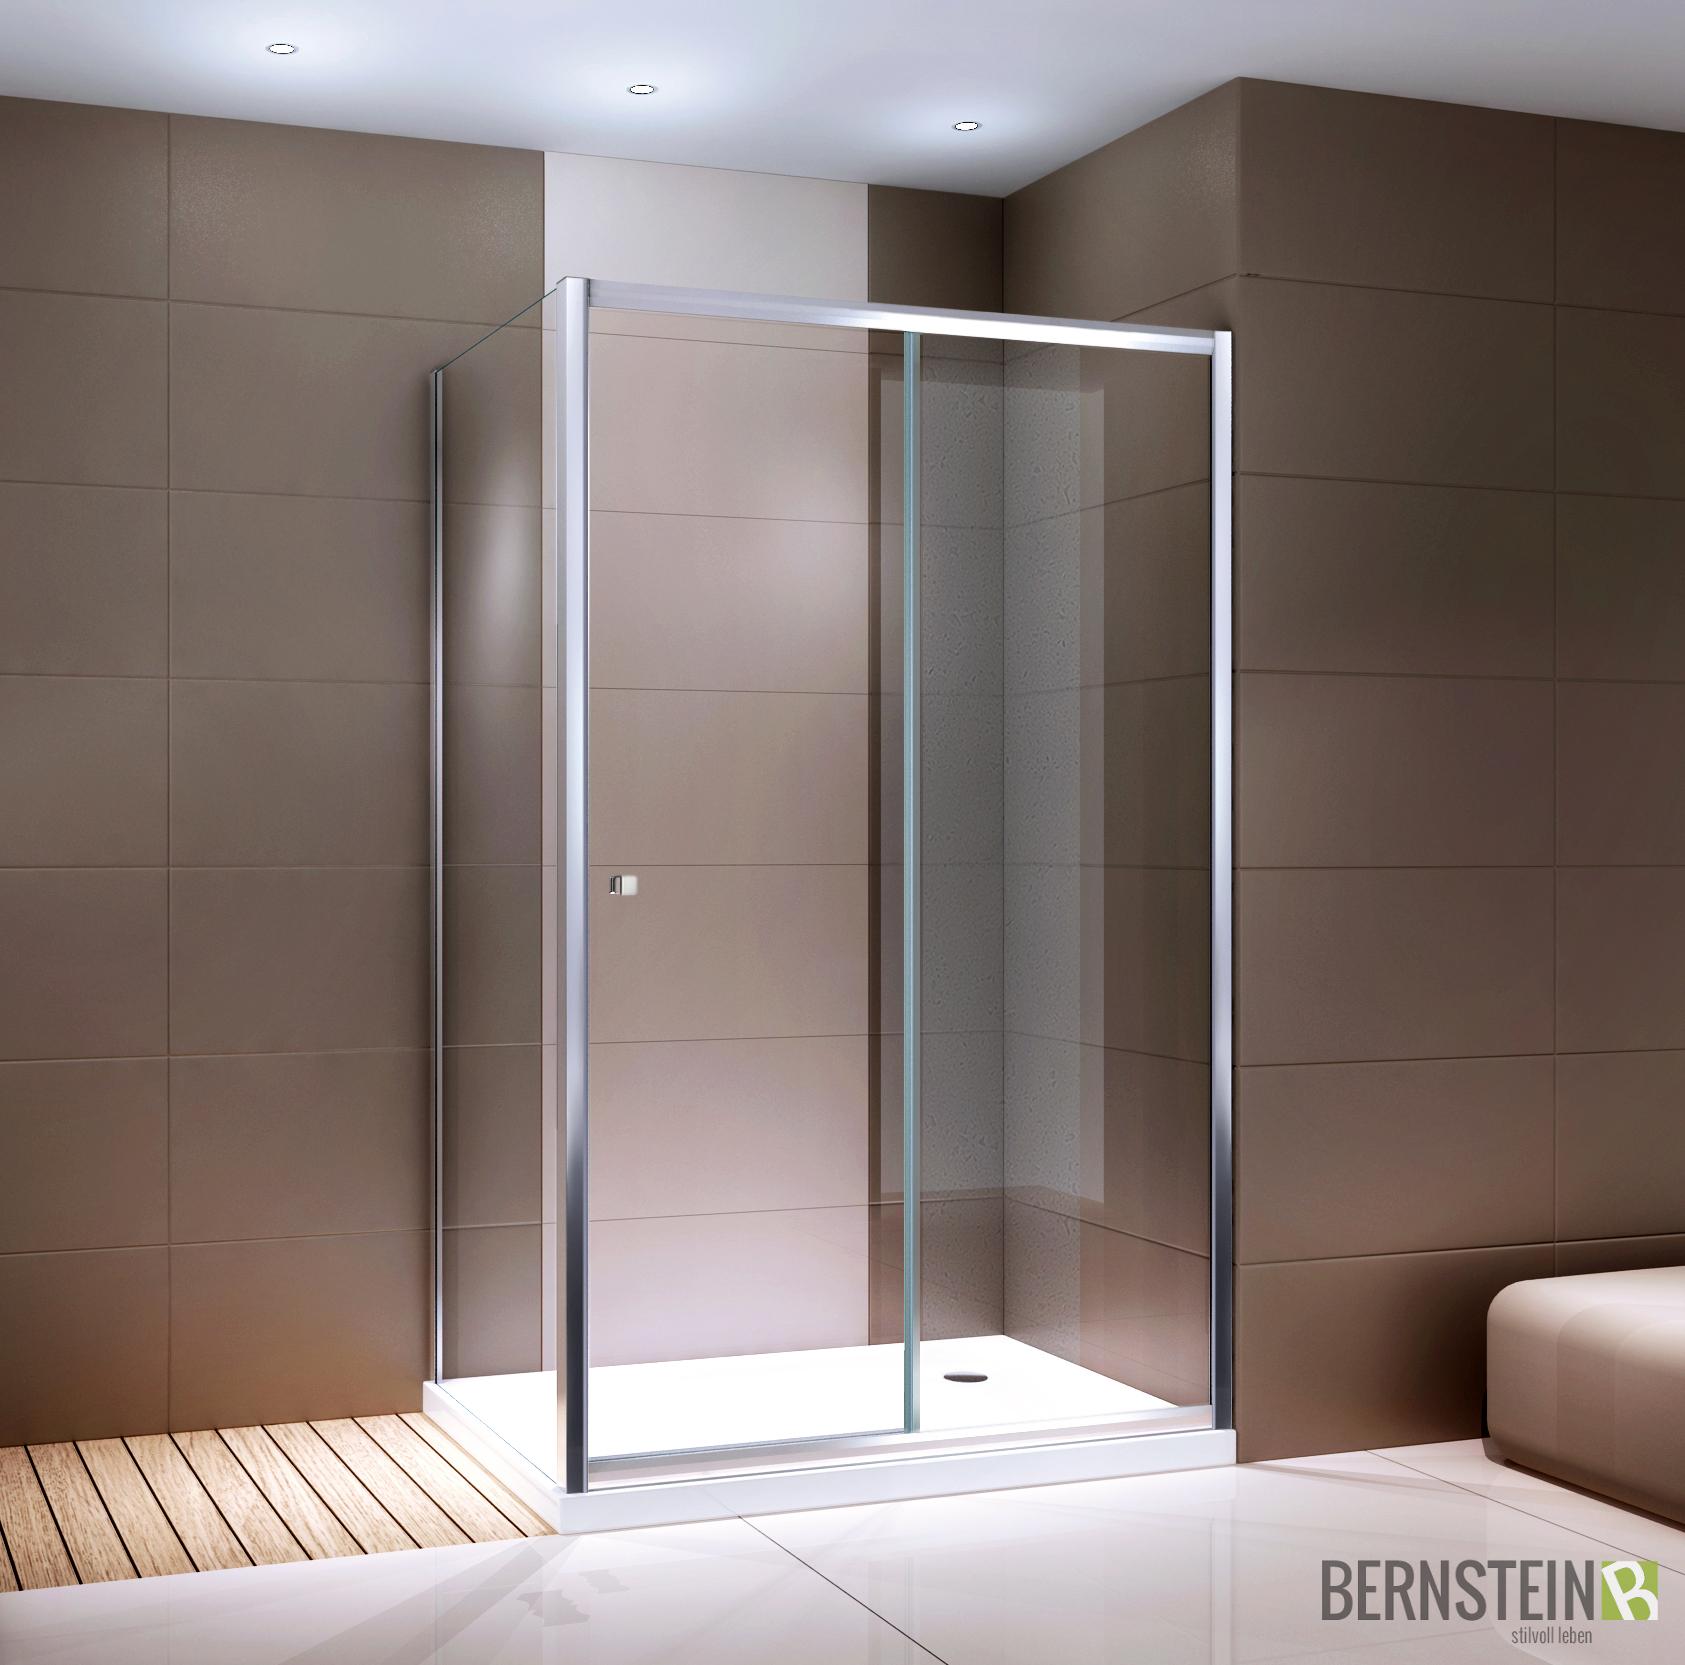 duschkabine eckdusche dusche mit schiebet r ex504bw klarglas 90x120x195cm ebay. Black Bedroom Furniture Sets. Home Design Ideas